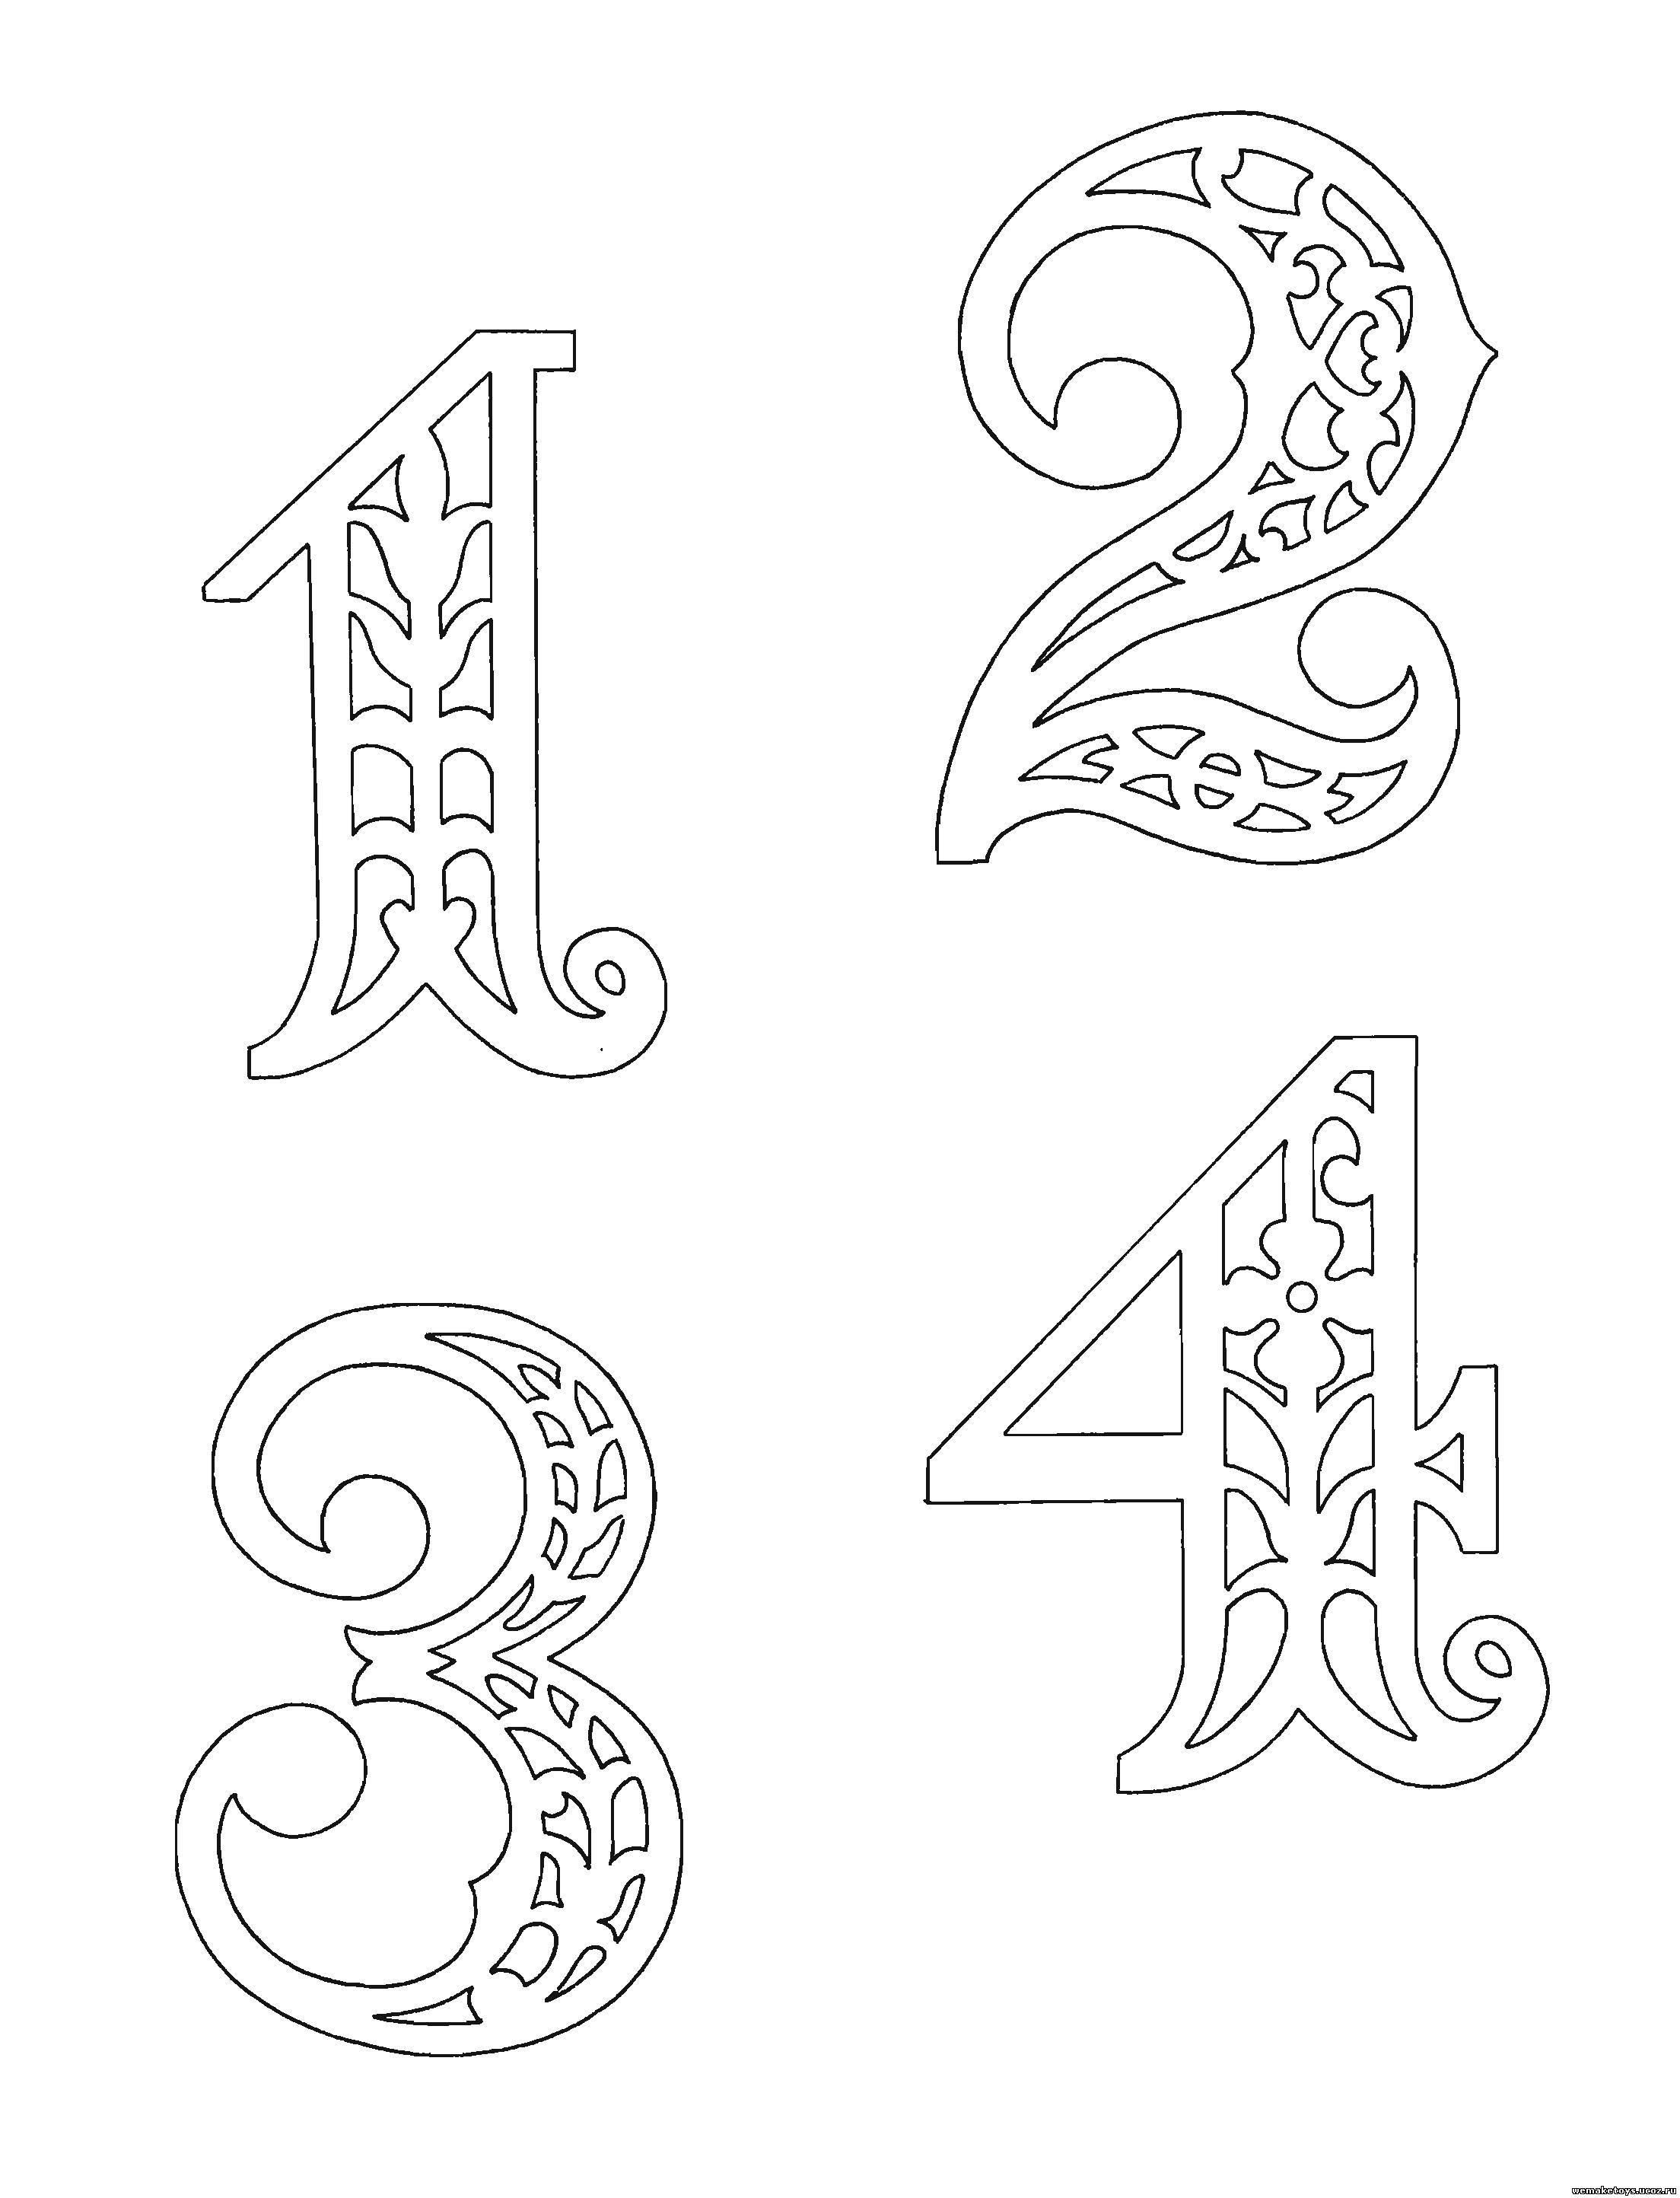 Трафареты своими руками цифры буквы